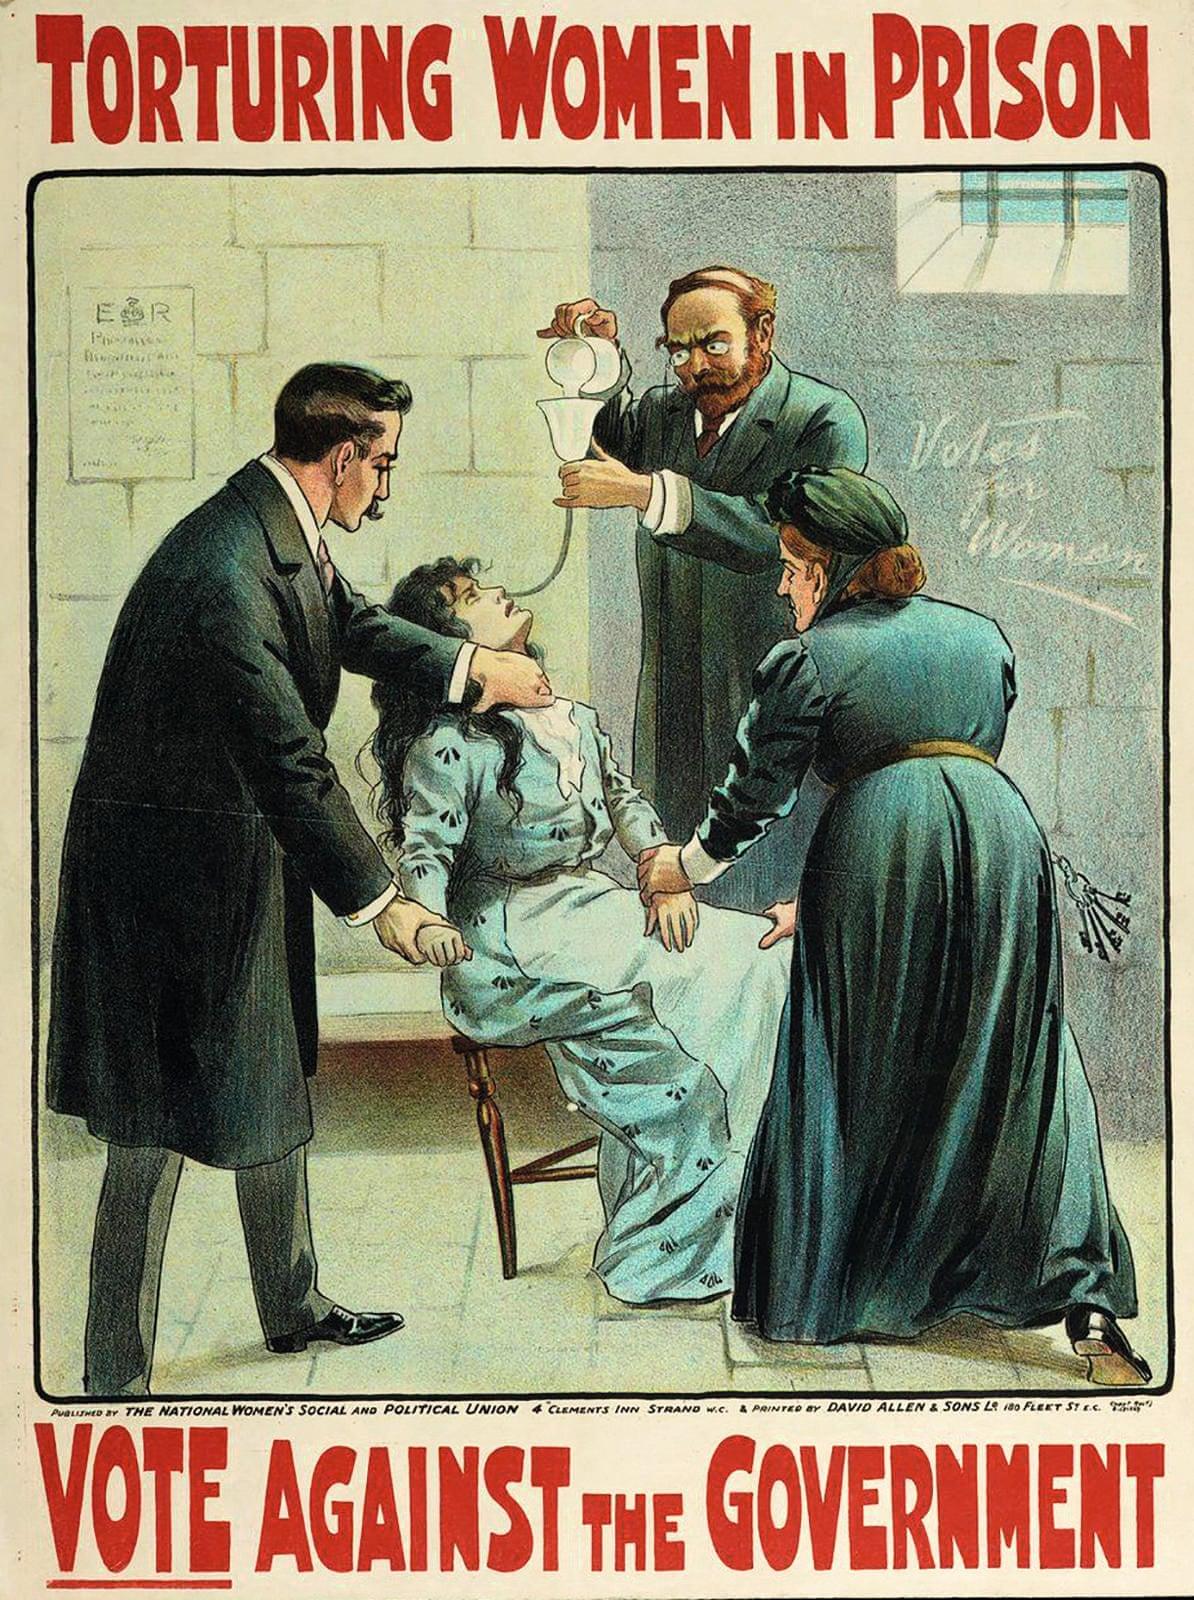 Το Γυναικείο Κίνημα των Σουφραζετών στο Ηνωμένο Βασίλειο χρησιμοποιούσε αφίσες για πολιτικούς σκοπούς, όπως το παραπάνω παράδειγμα του 1907, που δείχνει την αναγκαστική σίτιση γυναικών στη φυλακή επειδή απαιτούσαν το δικαίωμα στην ψήφο κάνοντας απεργία πείνας